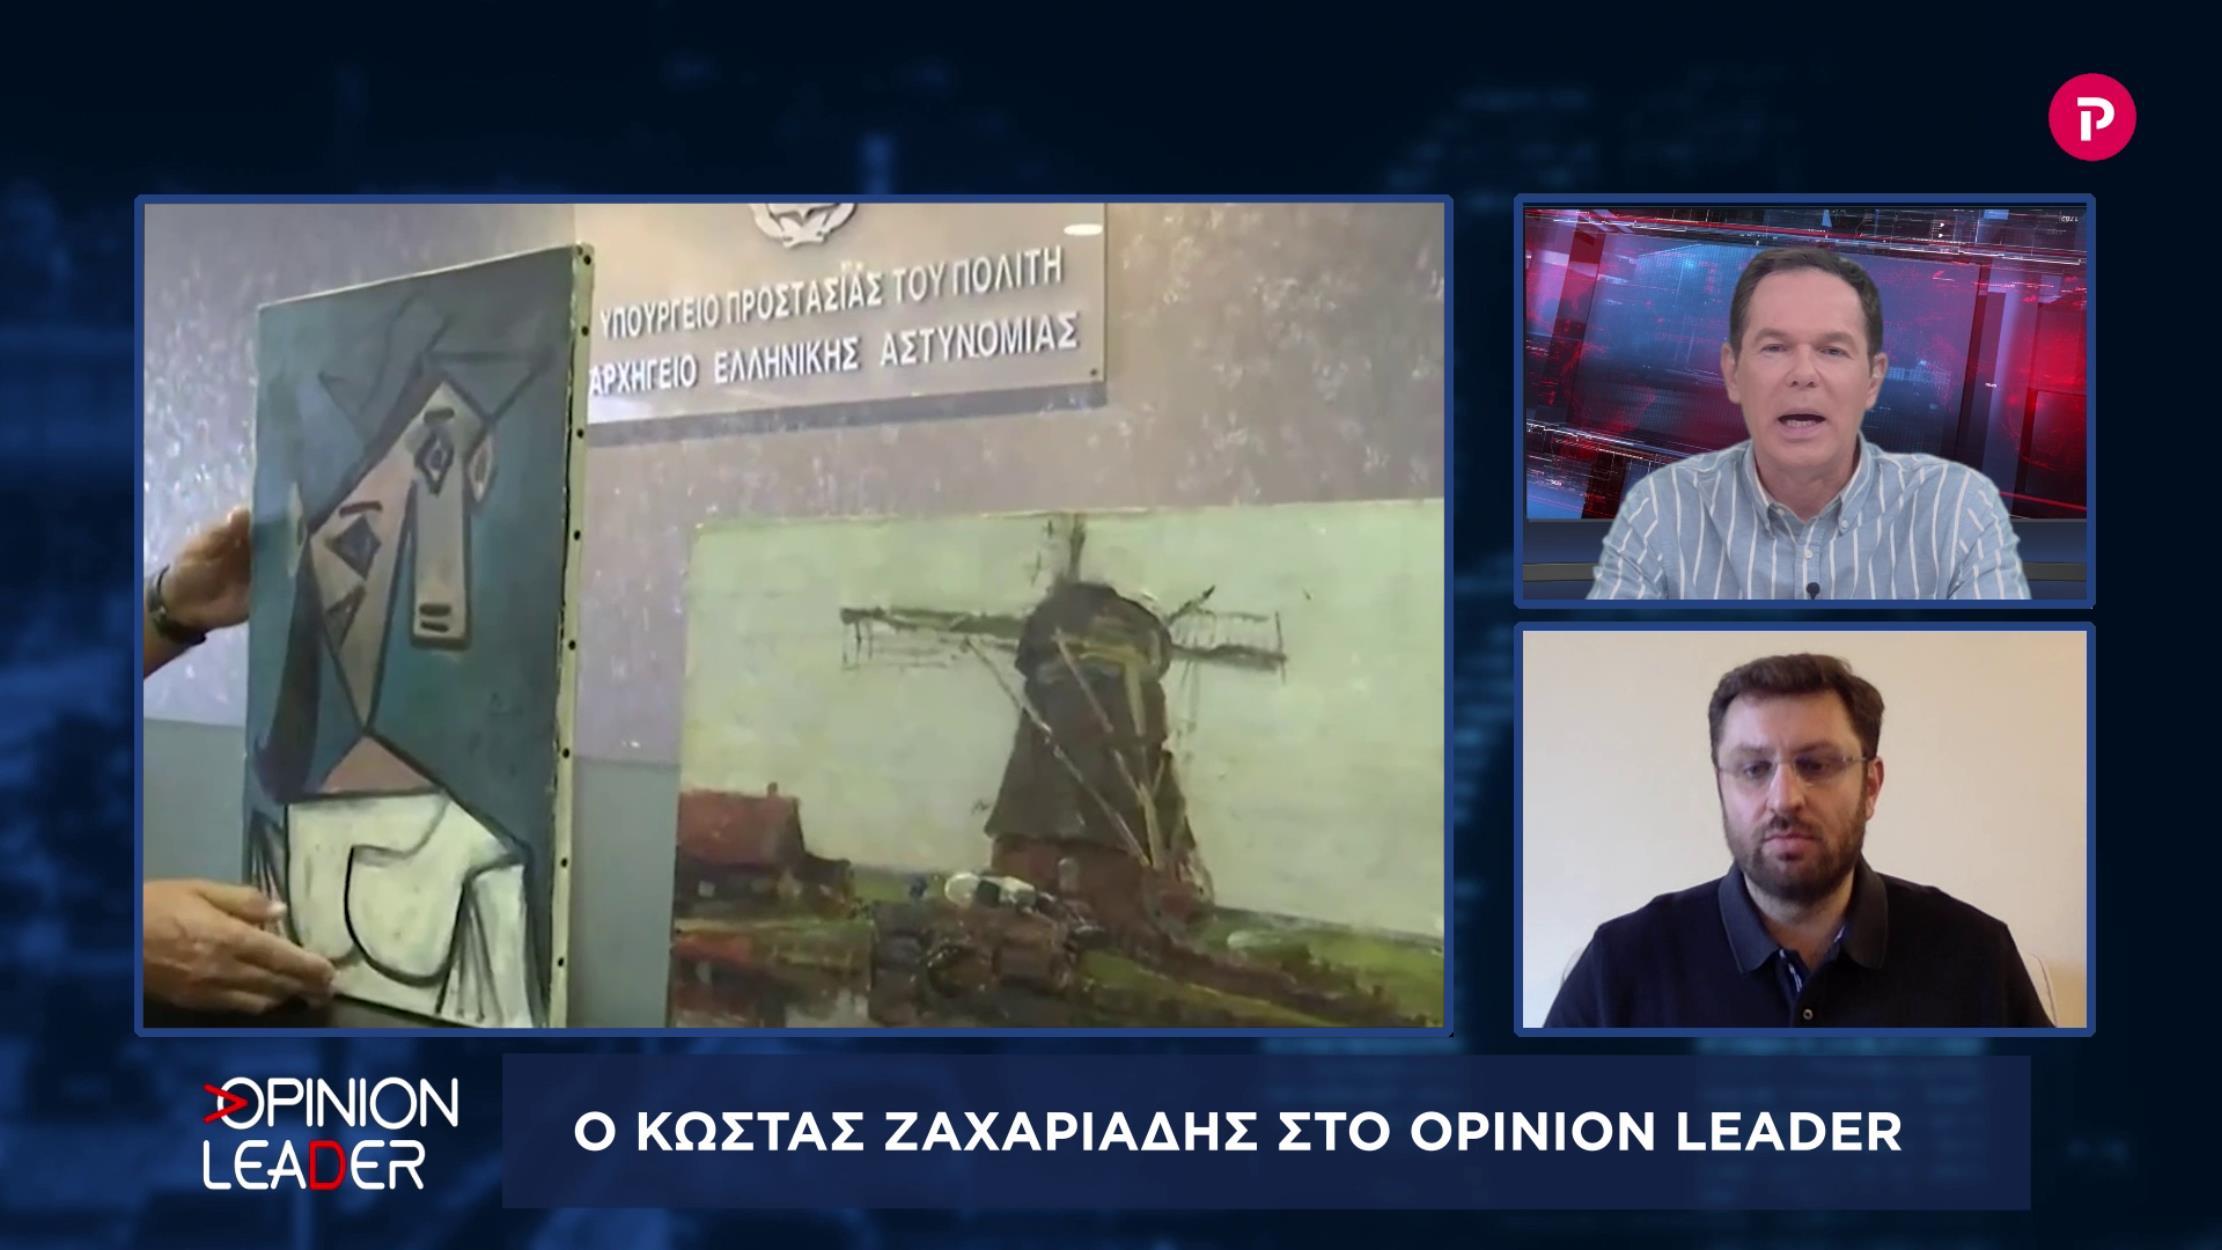 Κώστας Ζαχαριάδης στο pagenews.gr